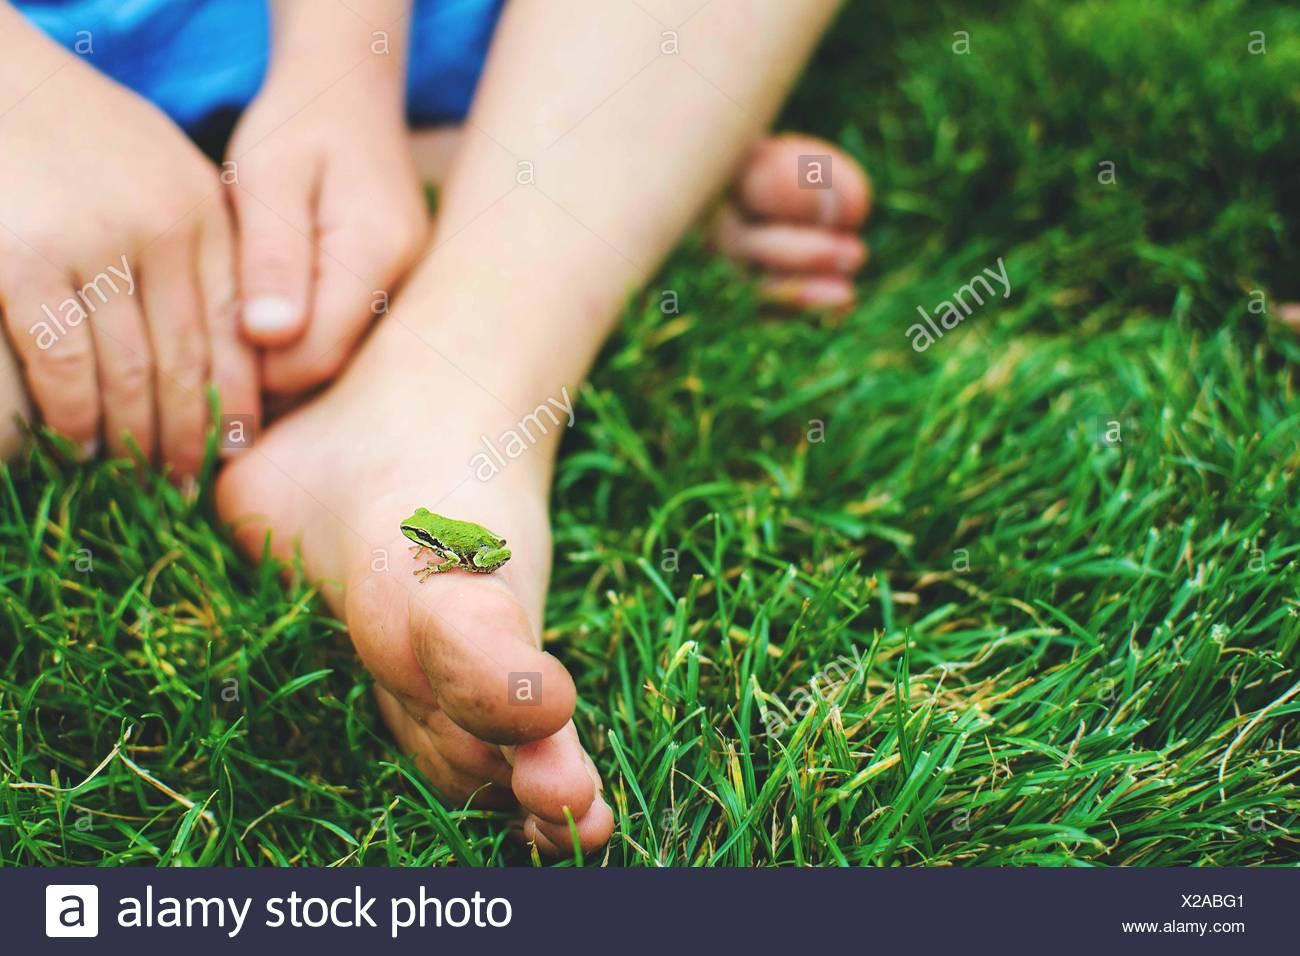 Piccola rana su per bambini (4-5) dei piedi Immagini Stock